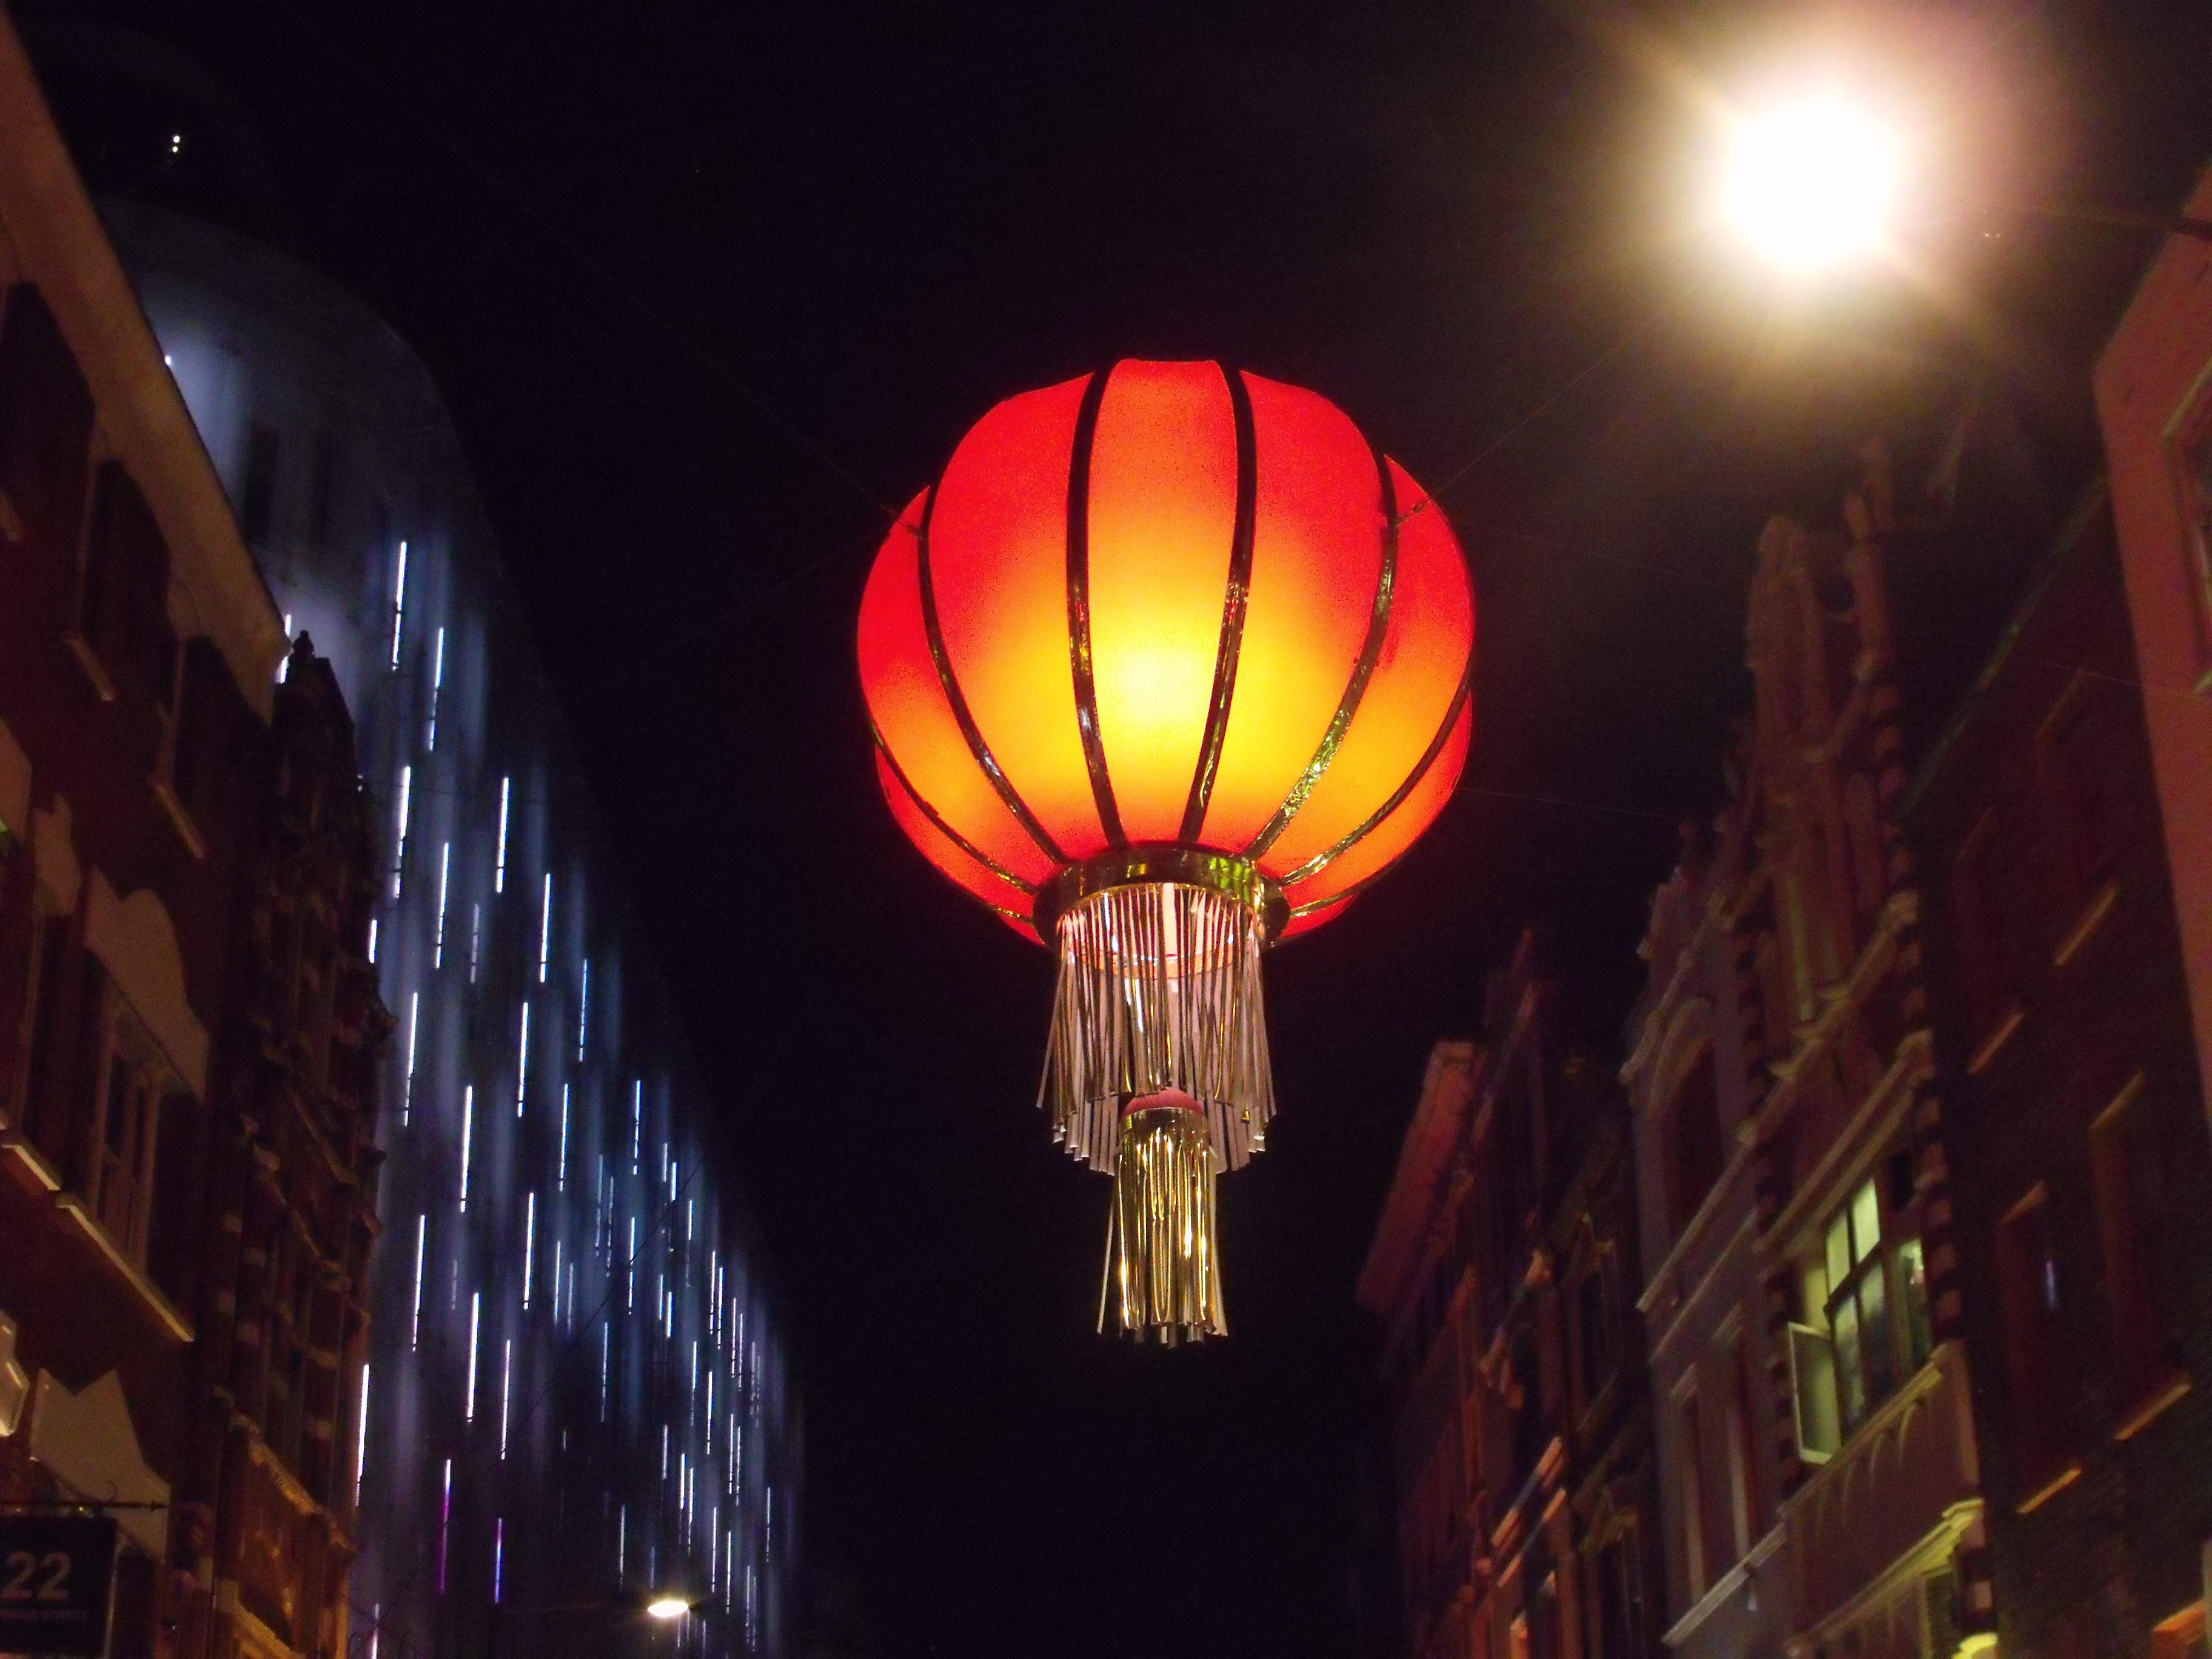 File:Chinatown, London - Wardour Street - big Chinese ...